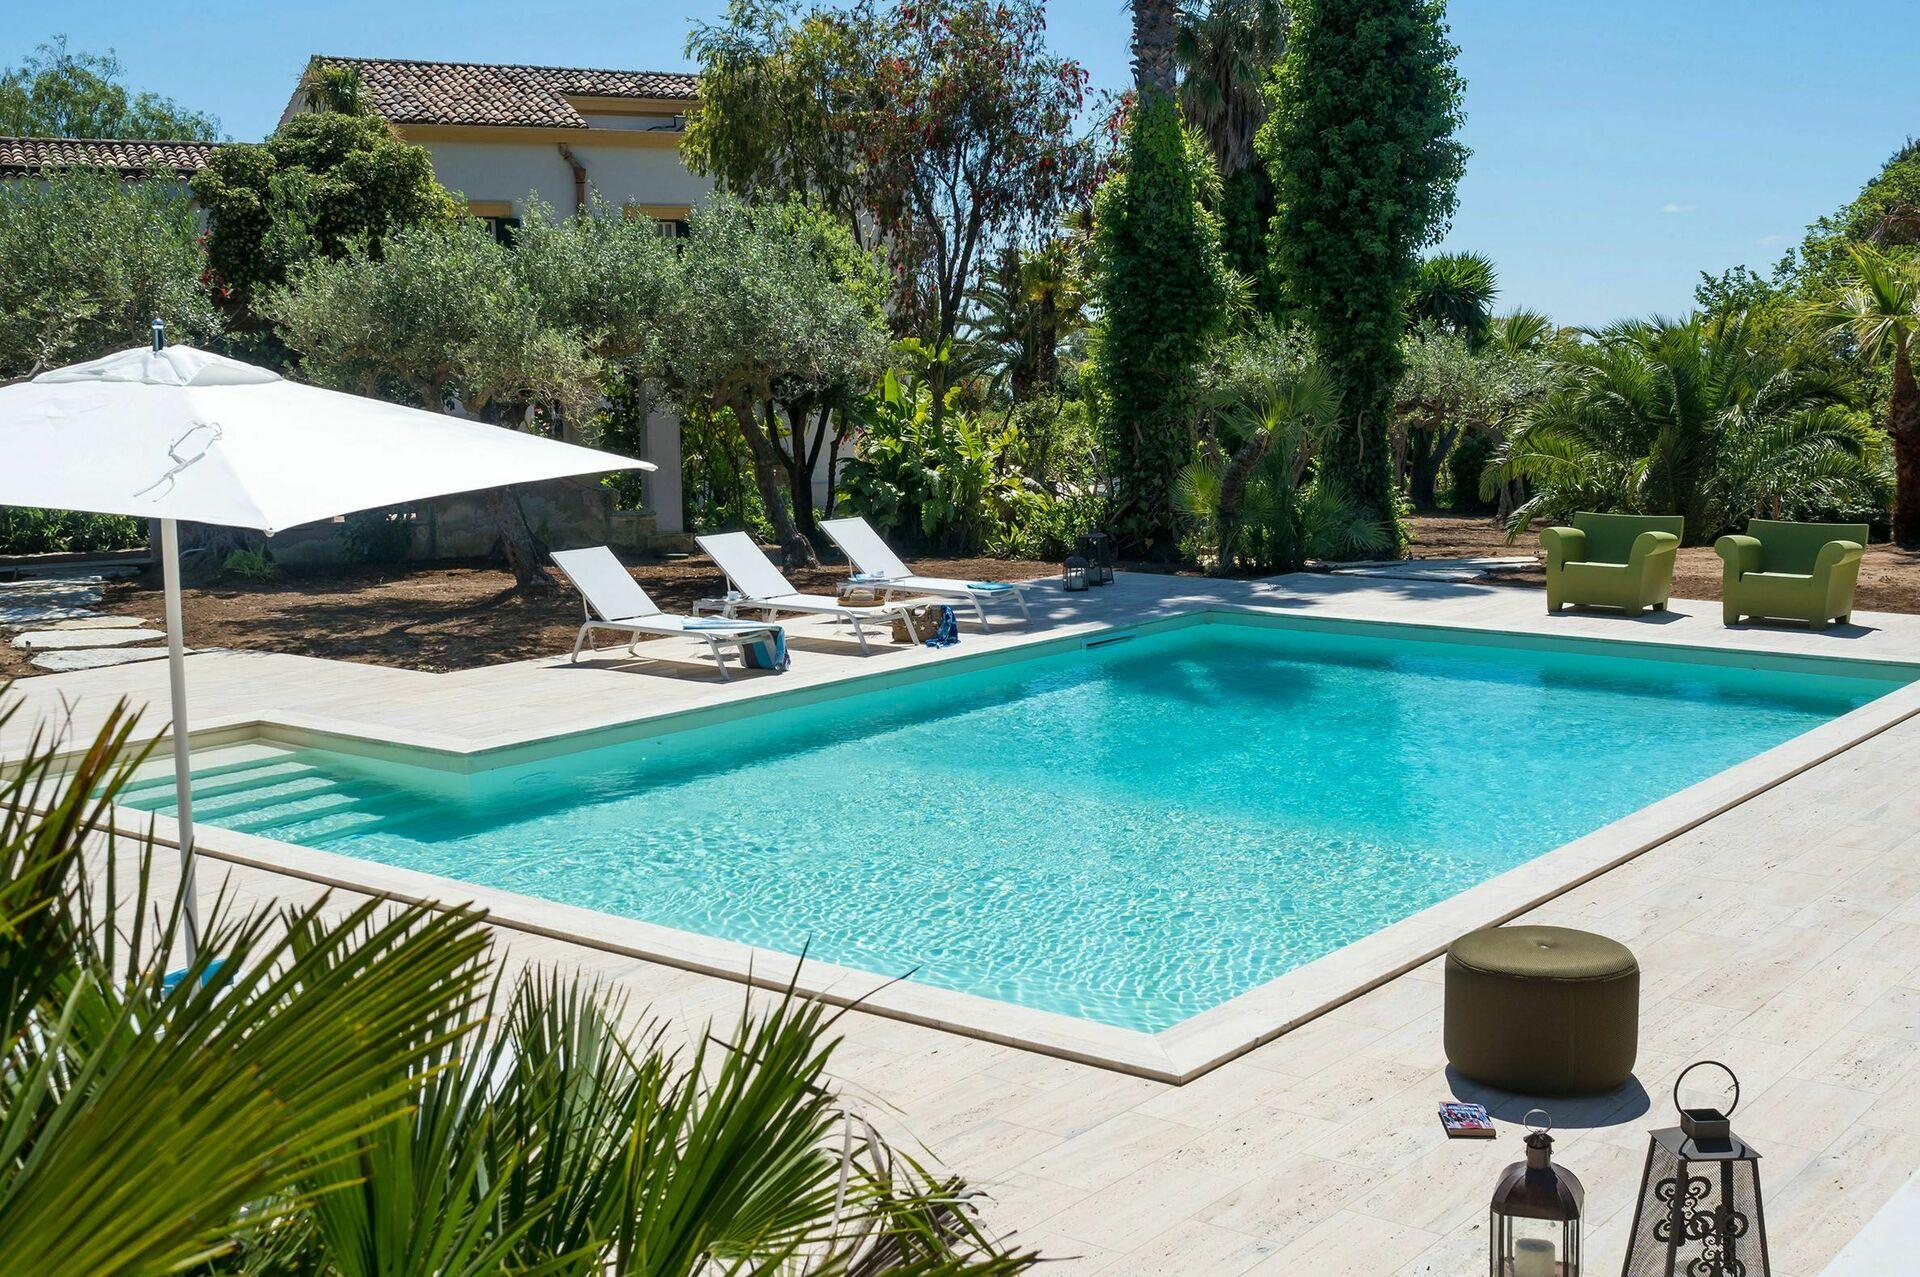 Villa san ciro villa di lusso in affitto a salemi trapani sicilia casa vacanze in affitto - Affitto casa vacanze sicilia con piscina ...